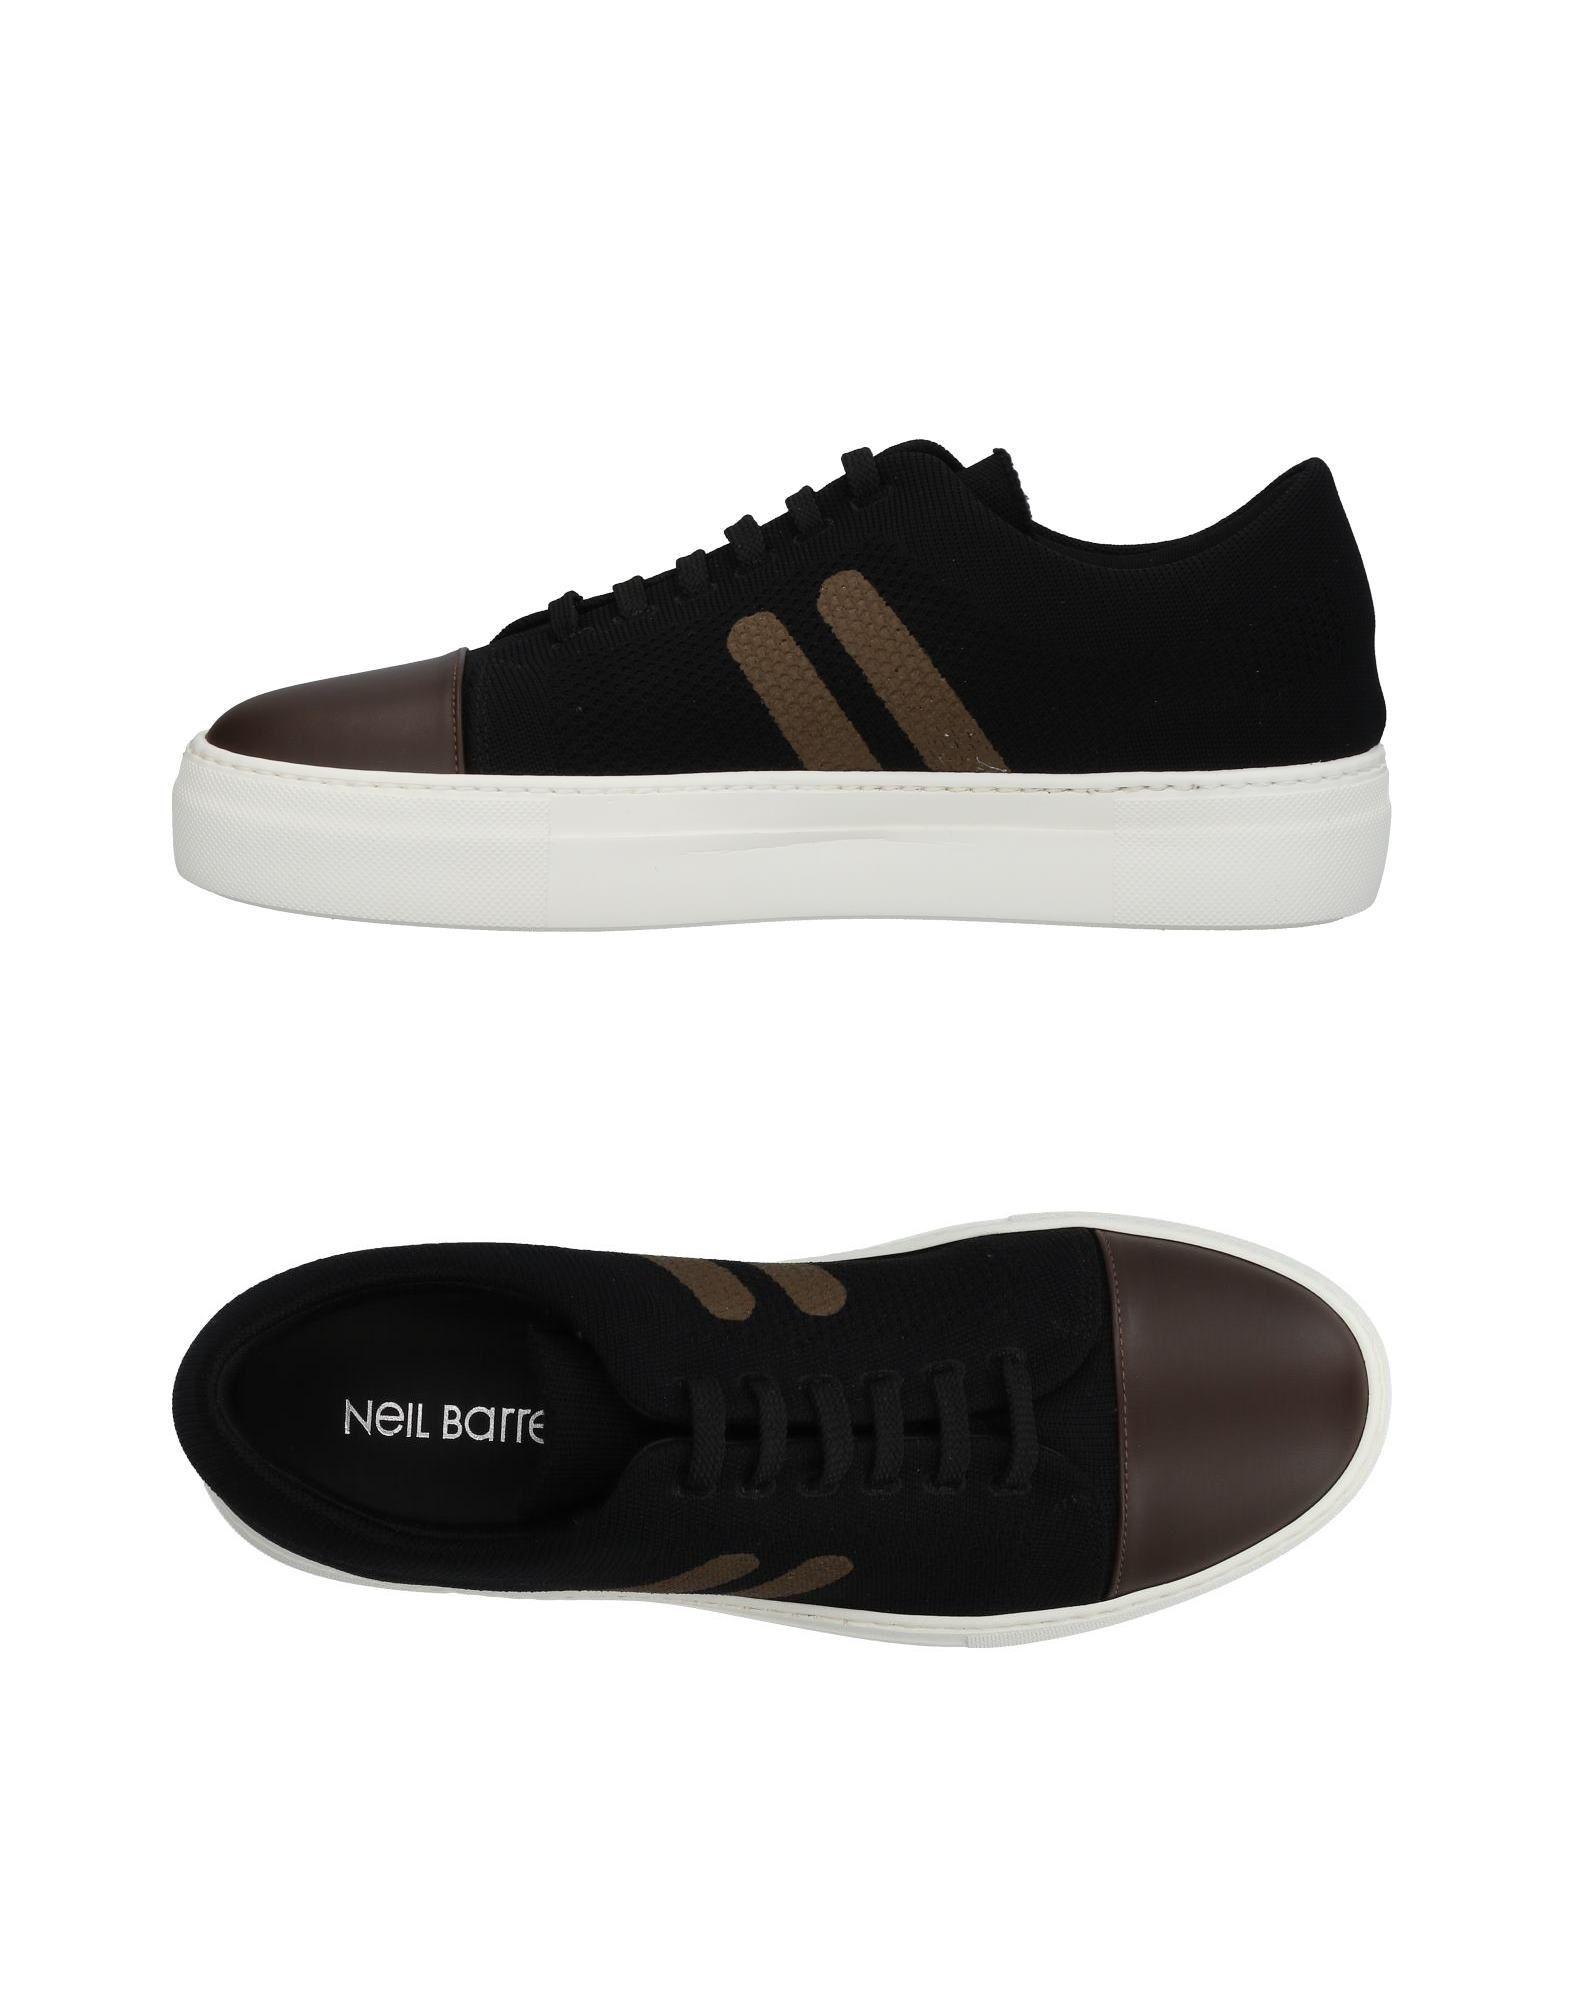 Neil Barrett Sneakers Herren  11446681XN Gute Qualität beliebte Schuhe